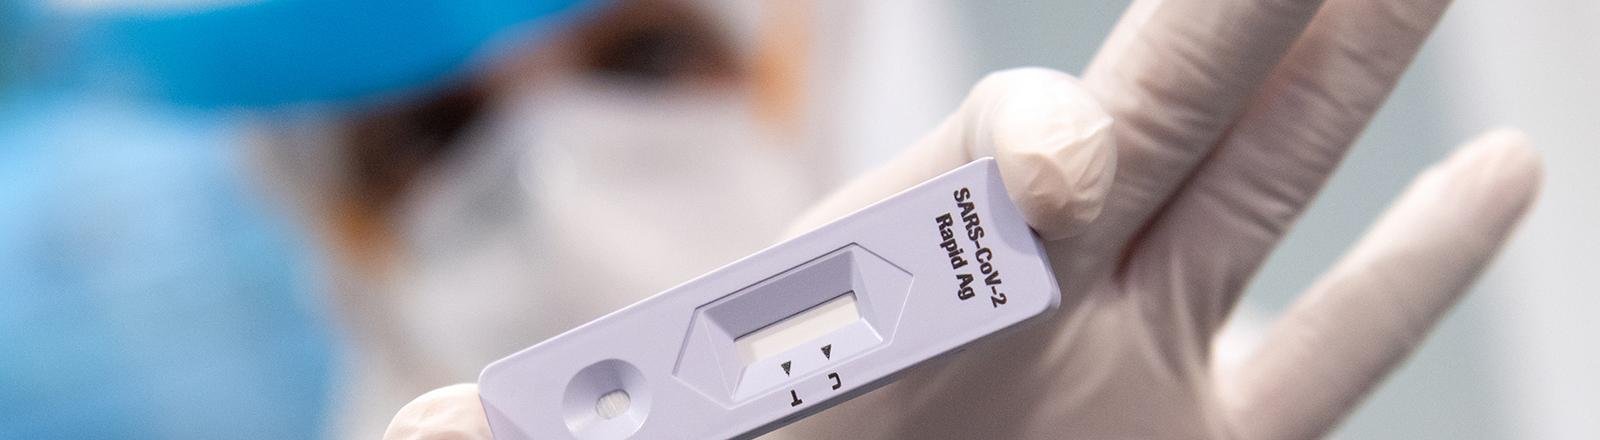 Eine Person in Schutzkleidung hält einen Antigen-Schnelltest in die Kamera; Foto: dpa (12.11.2020)